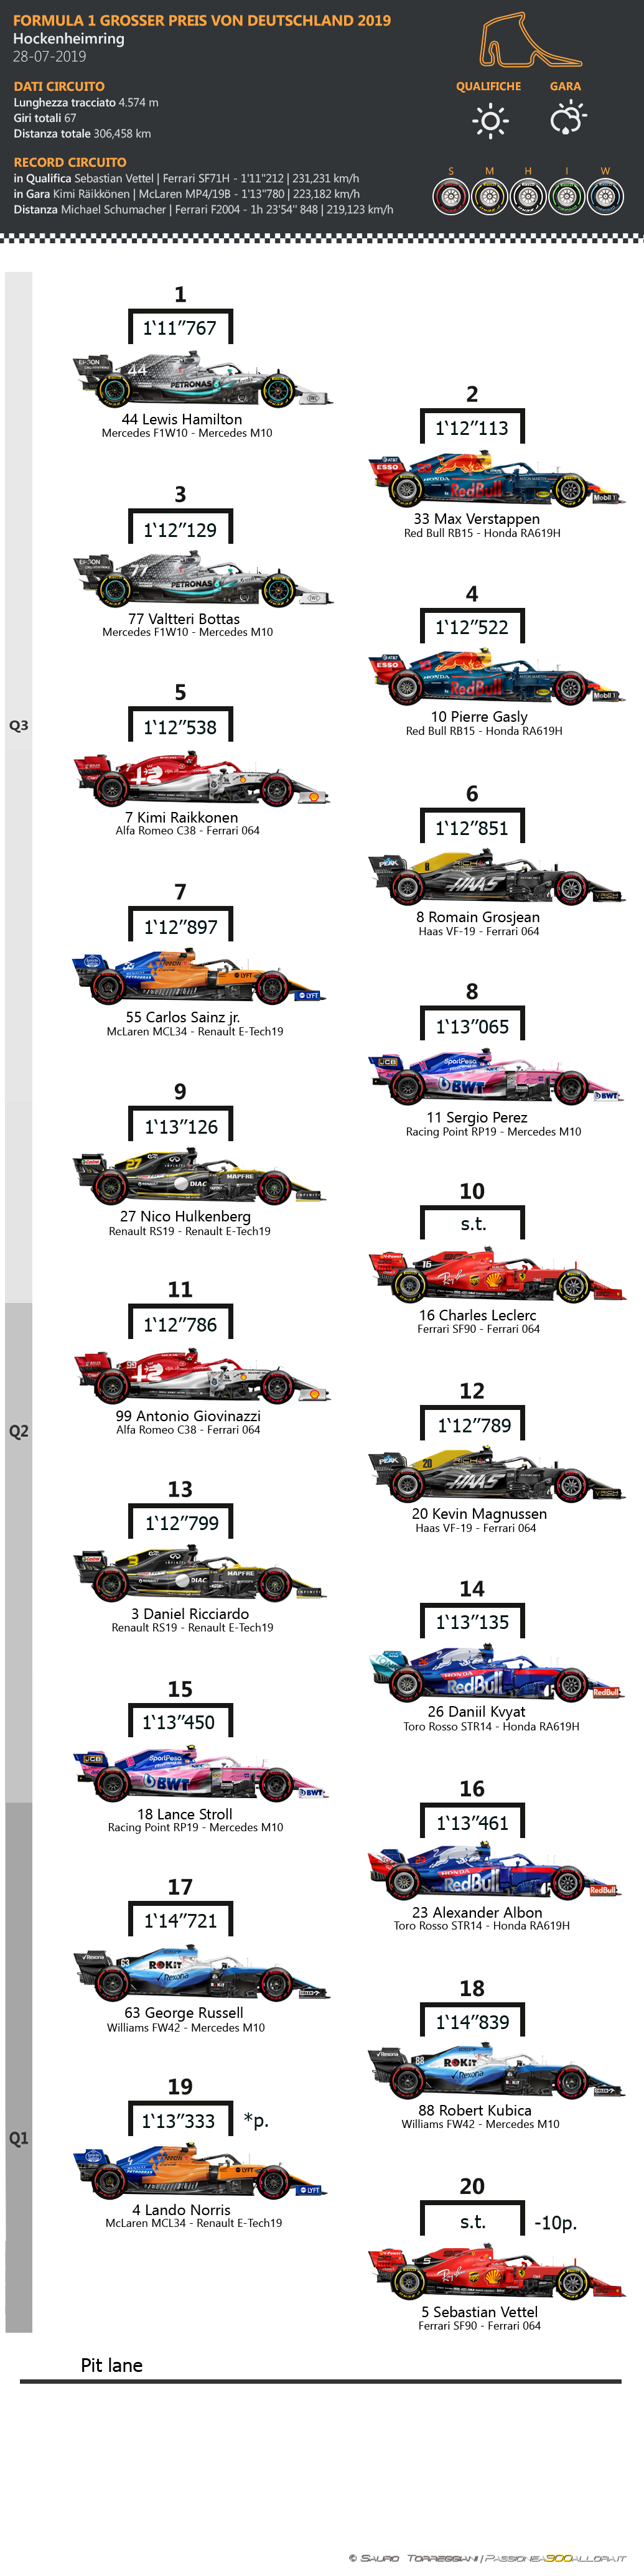 F1 | GP di Germania 2019: griglia di partenza, penalità e set a disposizione